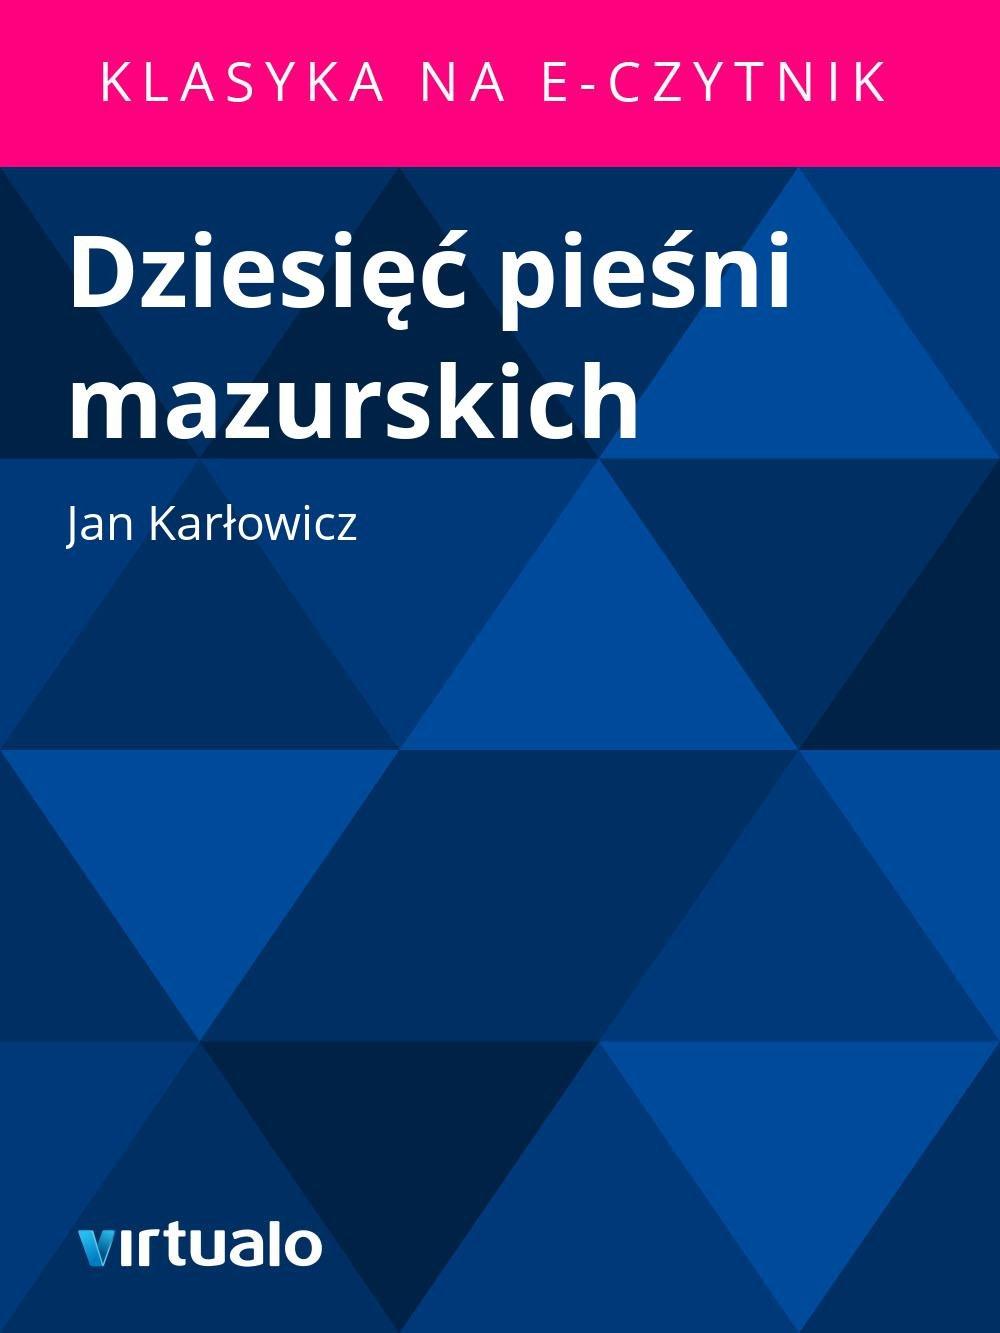 Dziesięć pieśni mazurskich - Ebook (Książka EPUB) do pobrania w formacie EPUB